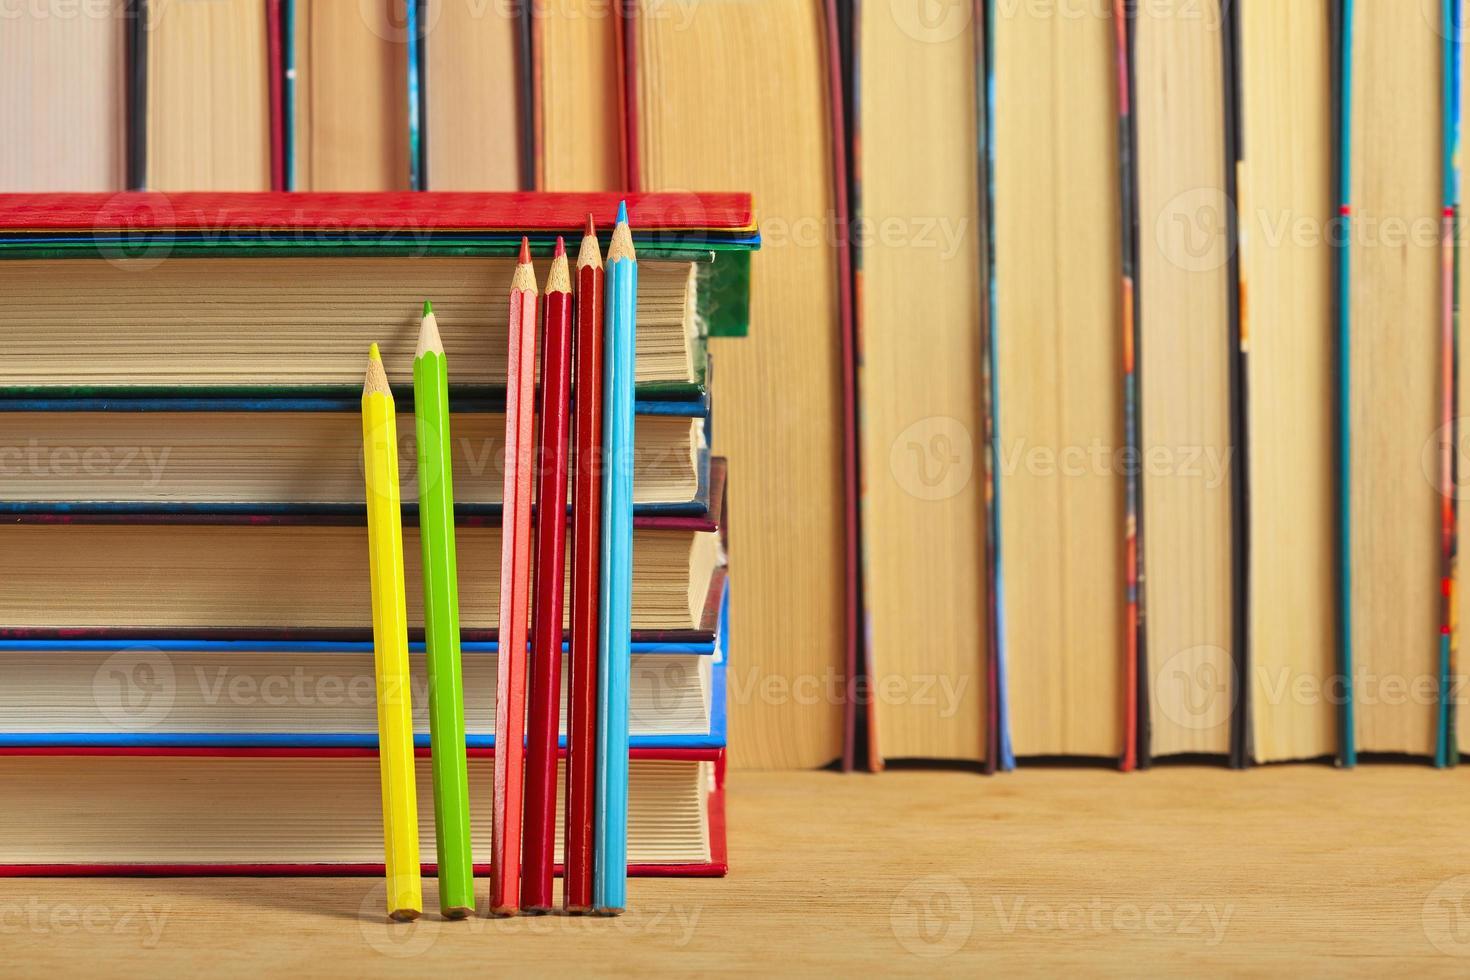 Stapel Bücher und Buntstifte auf einer Holzoberfläche. foto